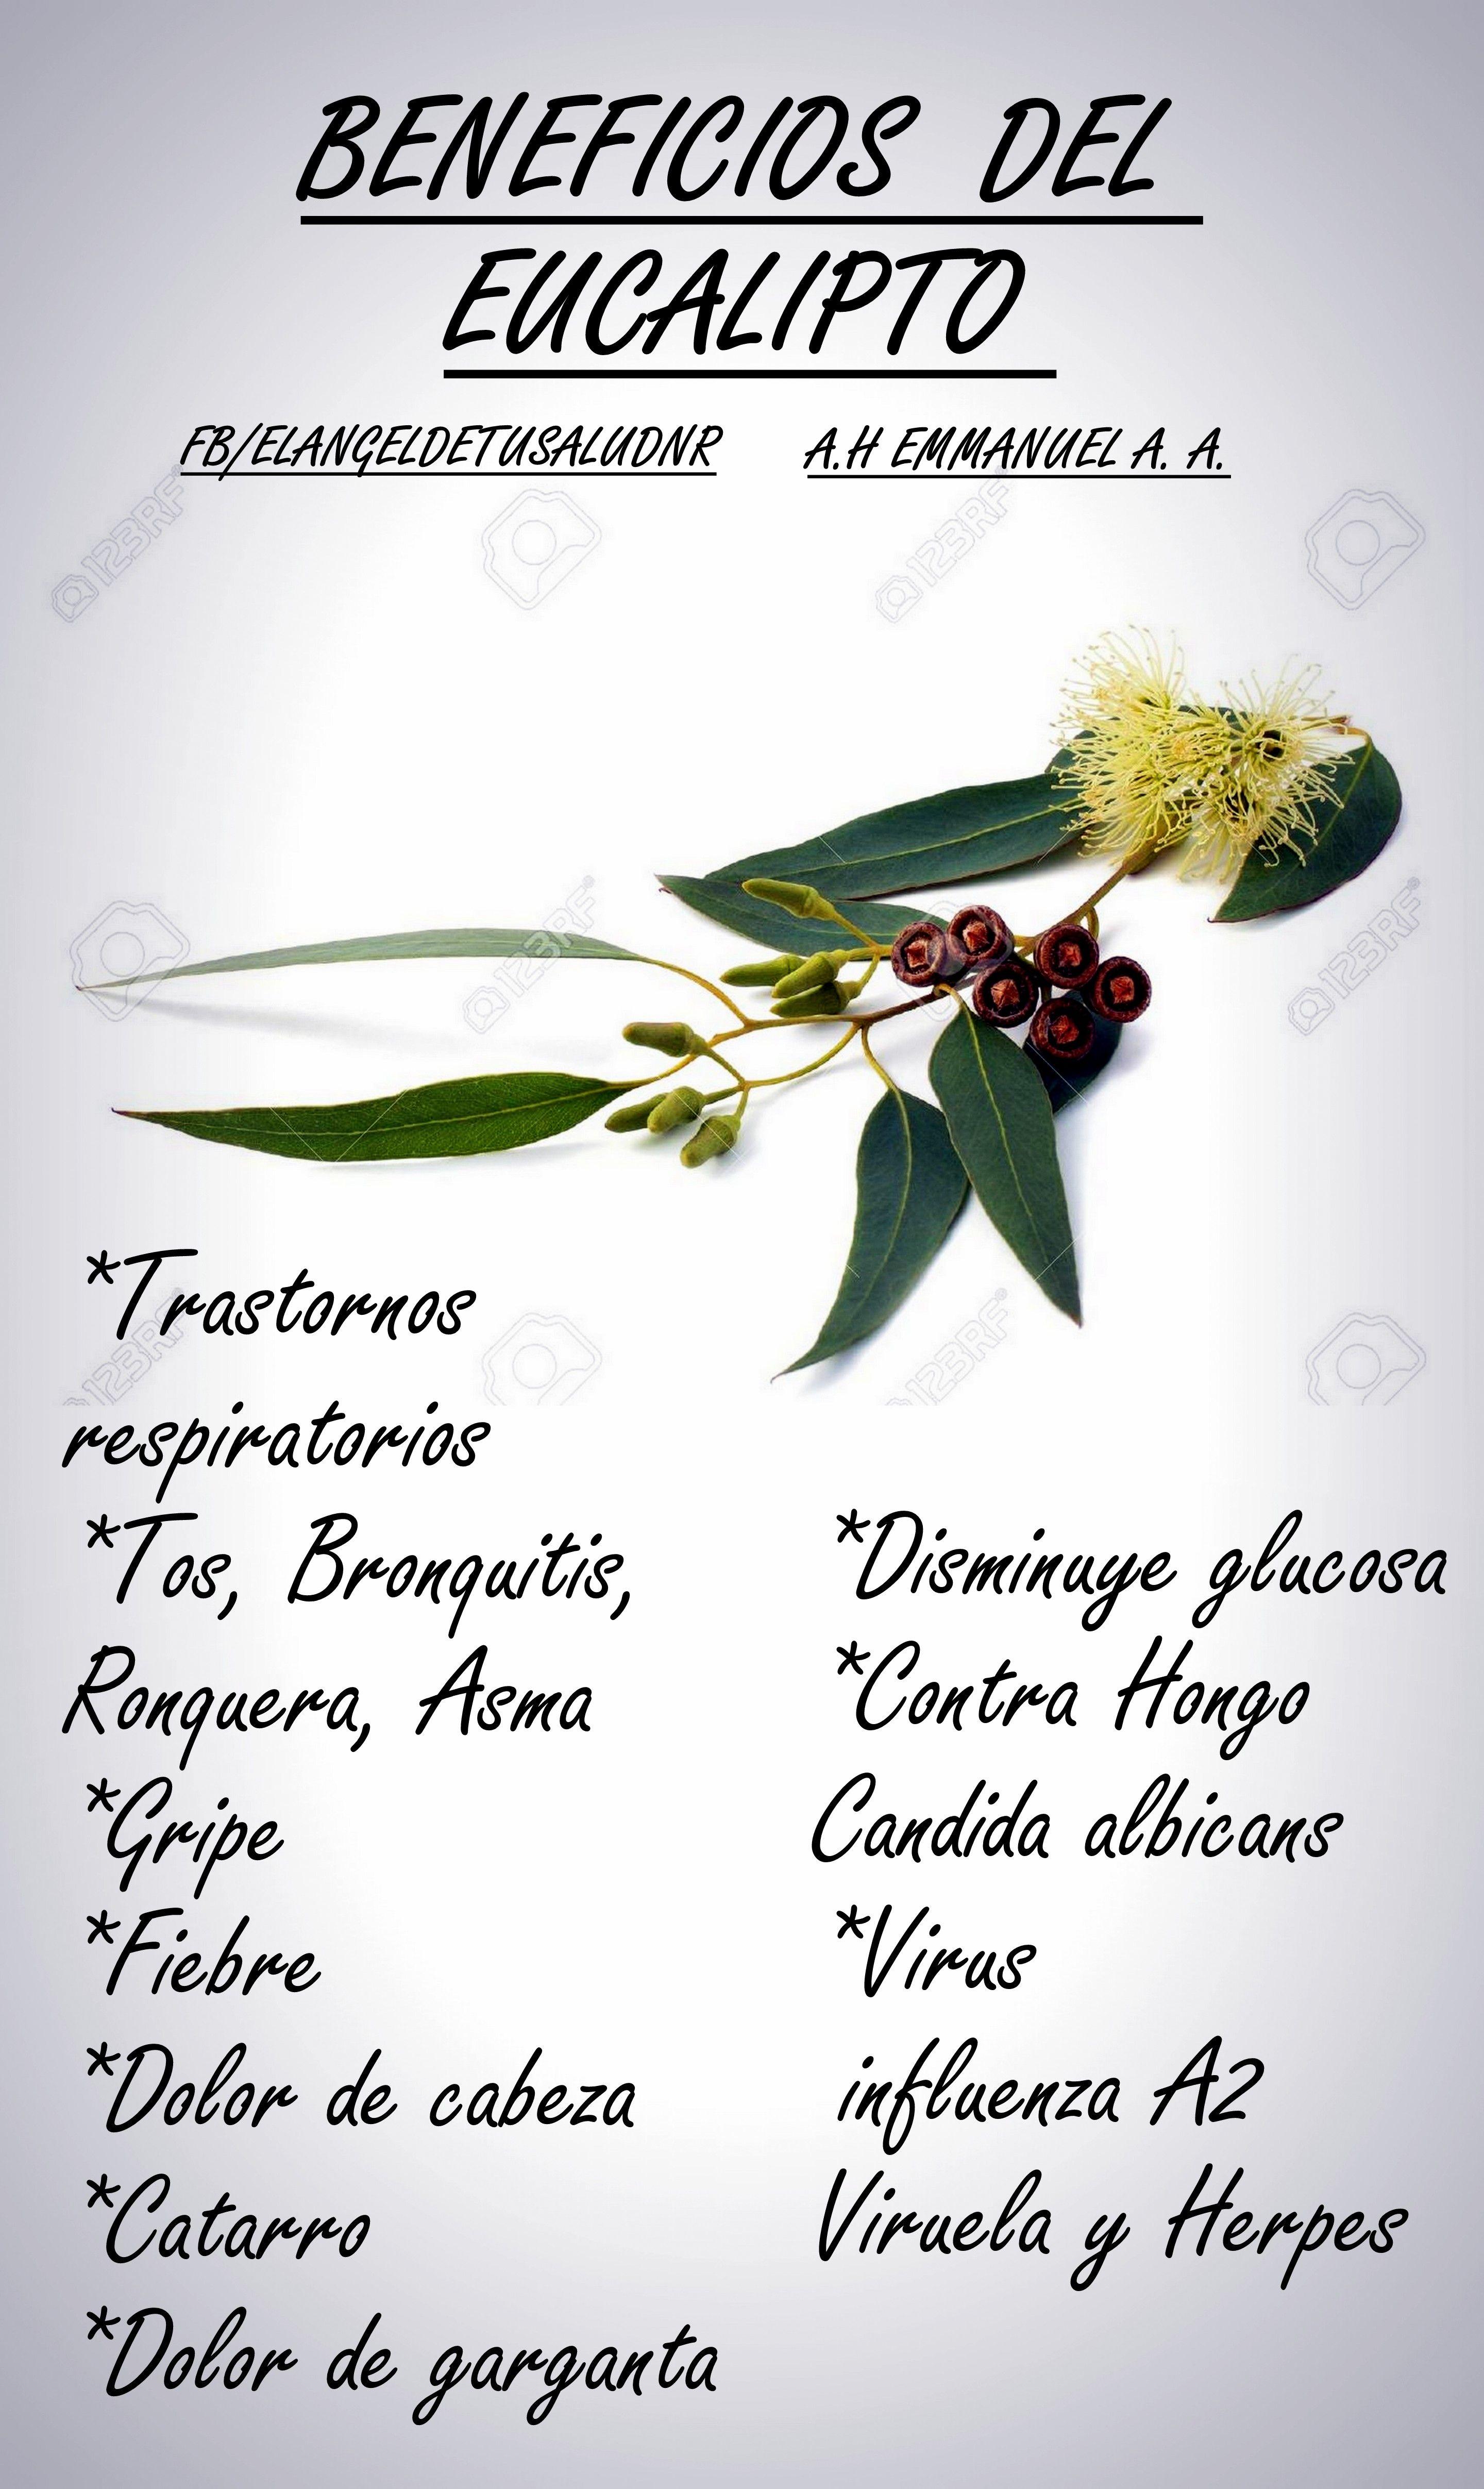 Beneficios del eucalipto beneficios salud for Planta decorativa con propiedades medicinales